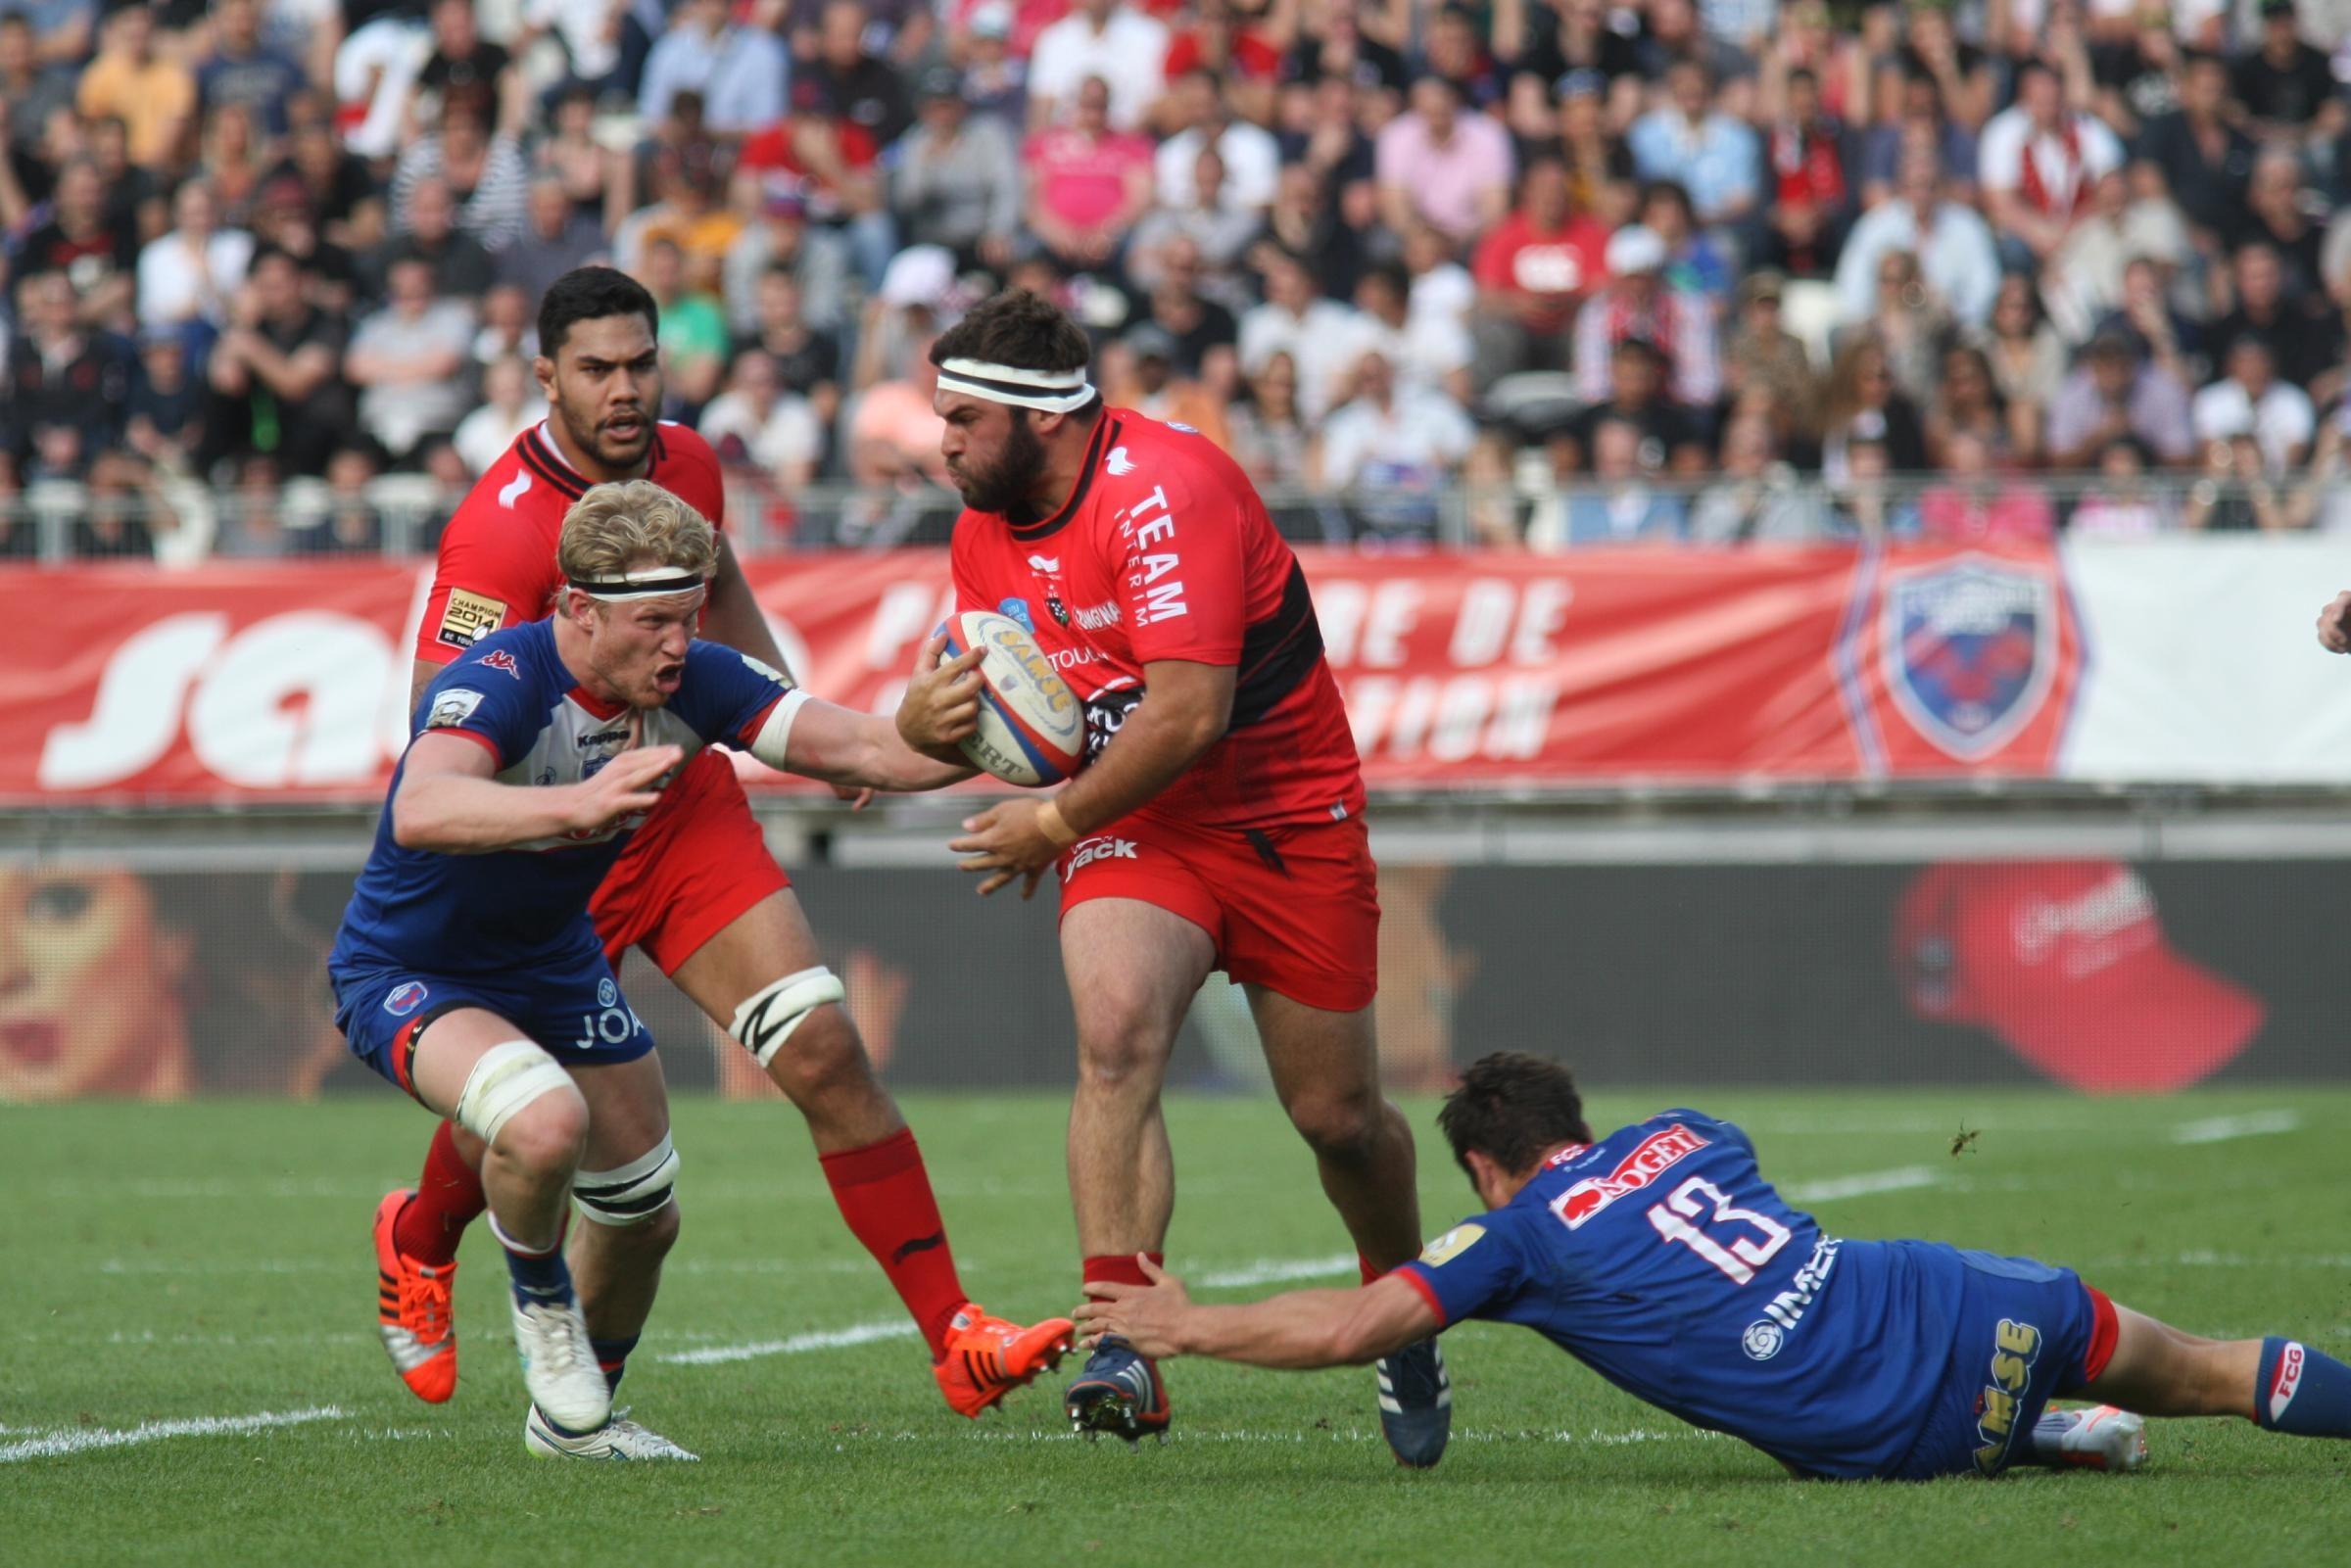 cg1 rencontre pdf Toulon